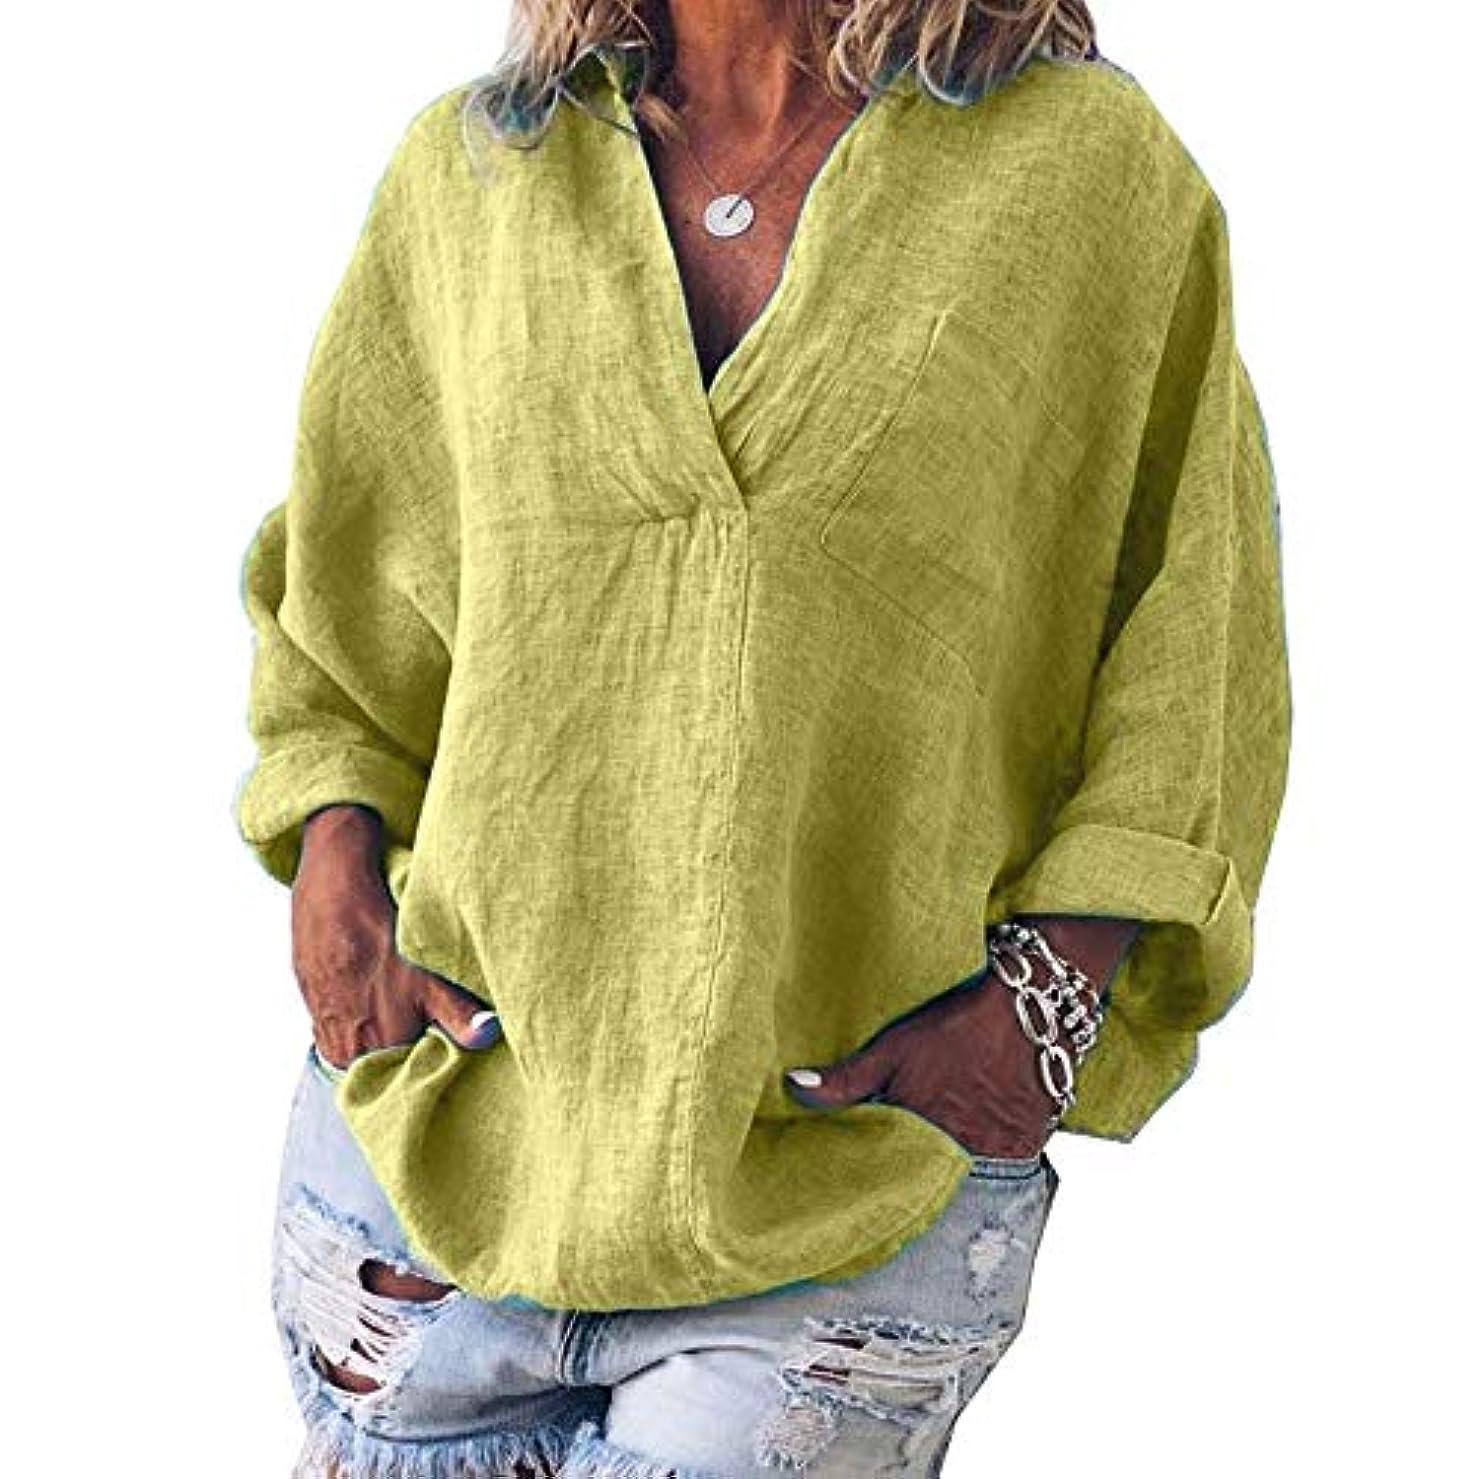 適用済みブースト作り上げるMIFAN女性ファッション春夏チュニックトップス深いVネックTシャツ長袖プルオーバールーズリネンブラウス